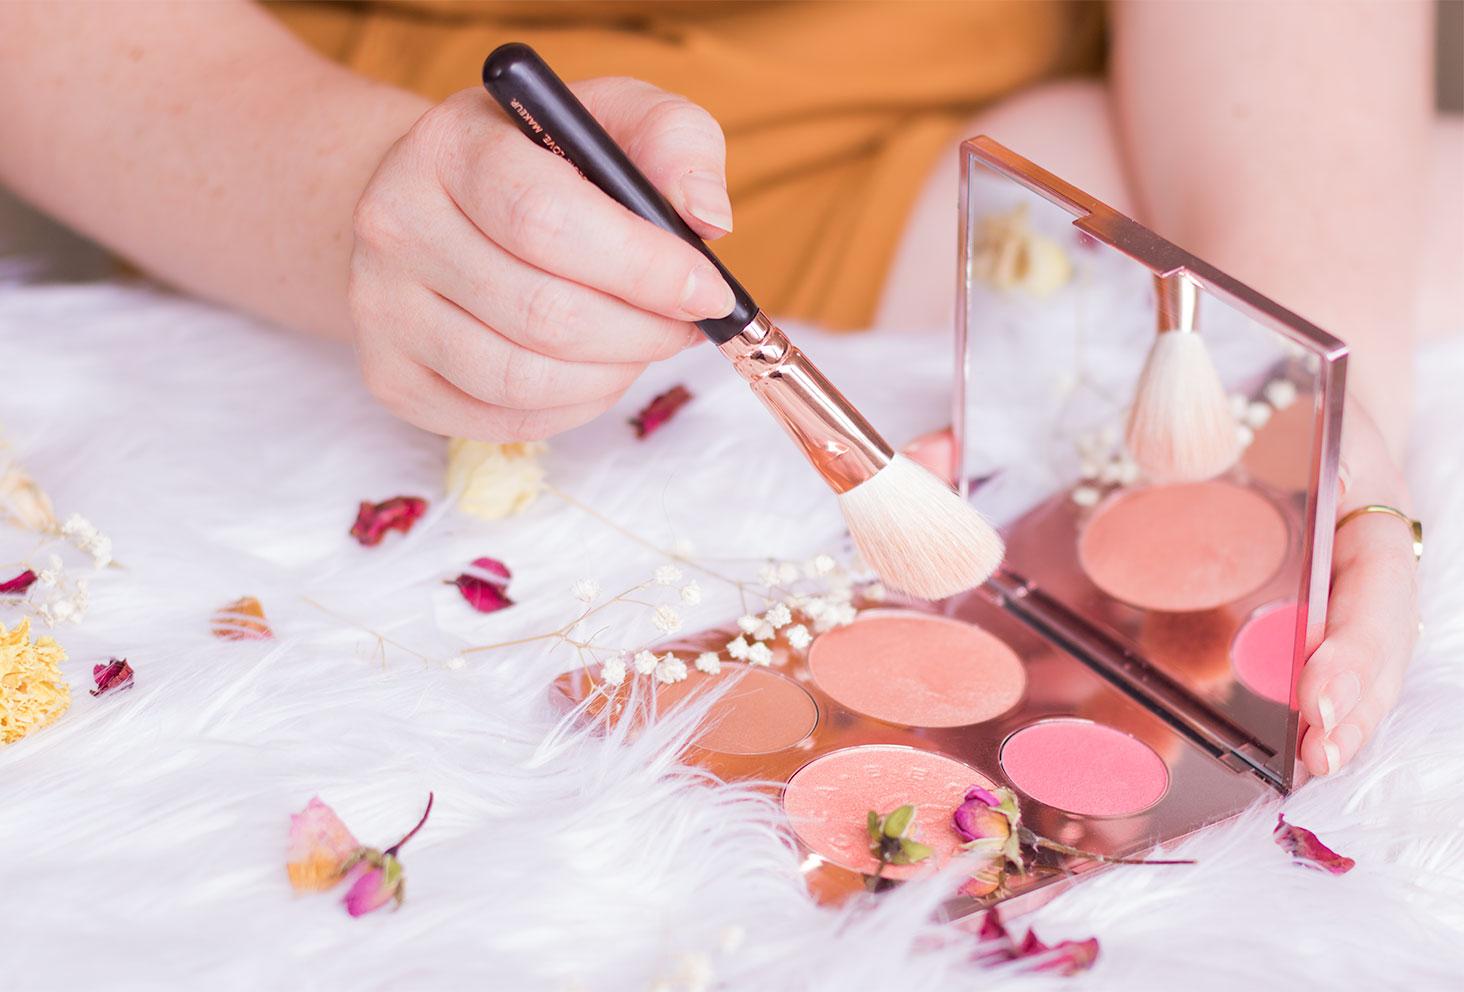 La palette highlighter et blush de Benefit pour un teint parfait et lumineux.